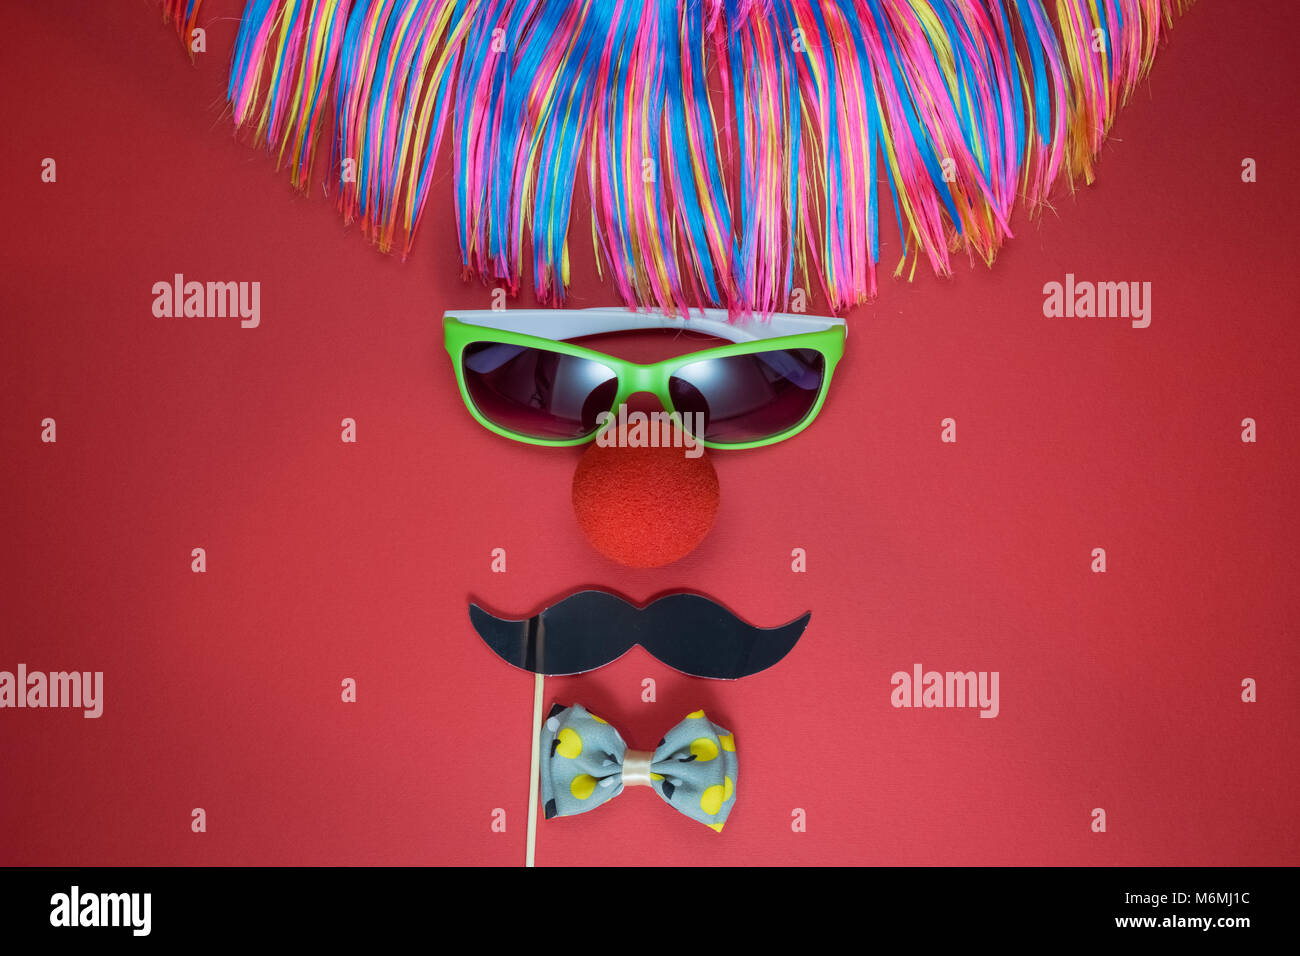 Plat De À Clown PerruqueLunettes ColoréesNez Mise Des Faits kPXn0O8wZN